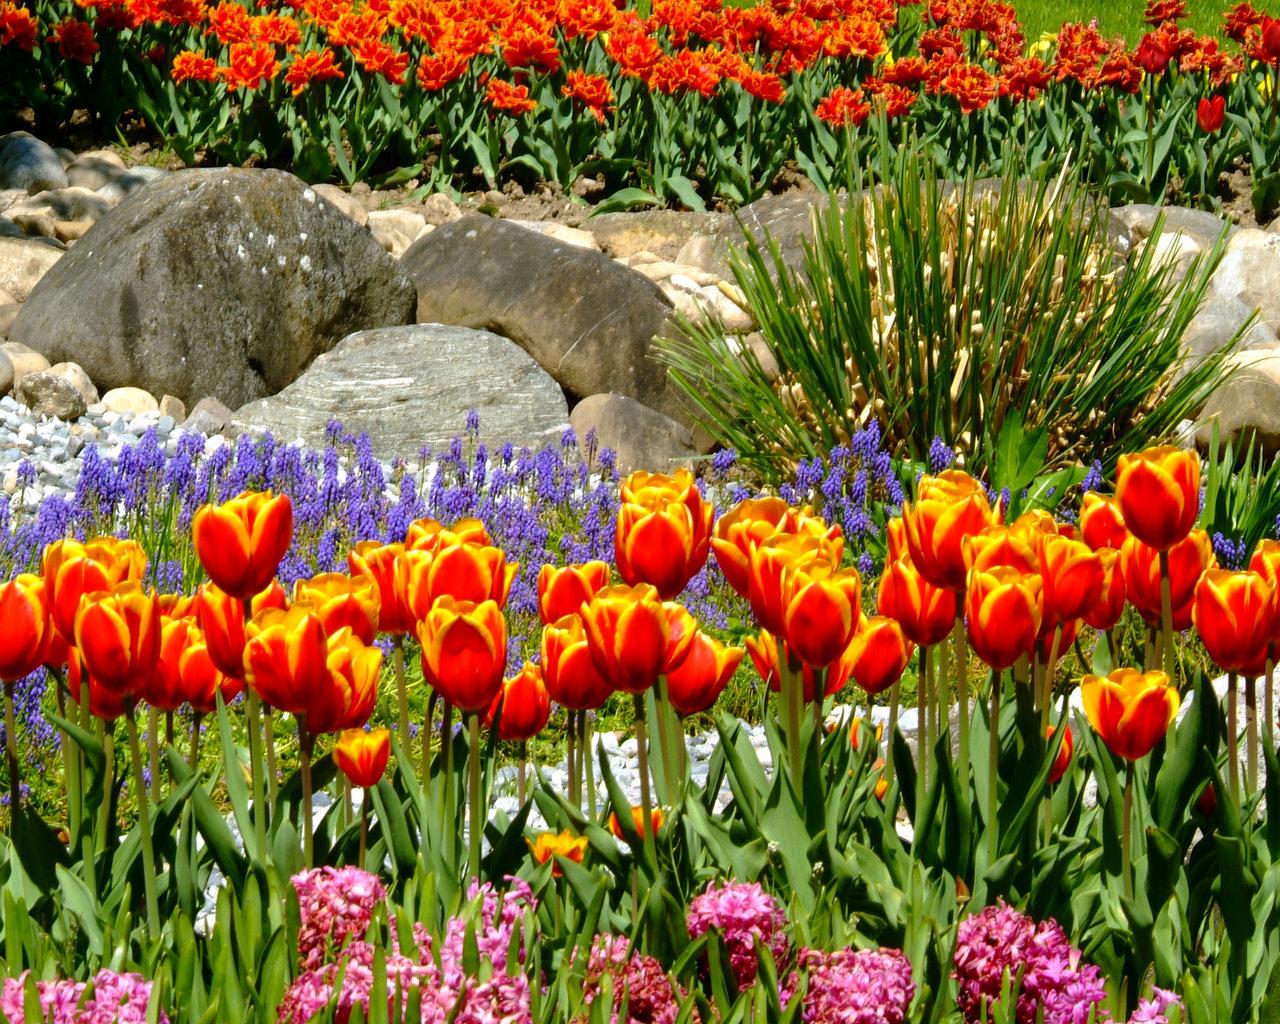 Edenpics natura immagini sfondi gratuite della natura for Immagini per desktop fiori